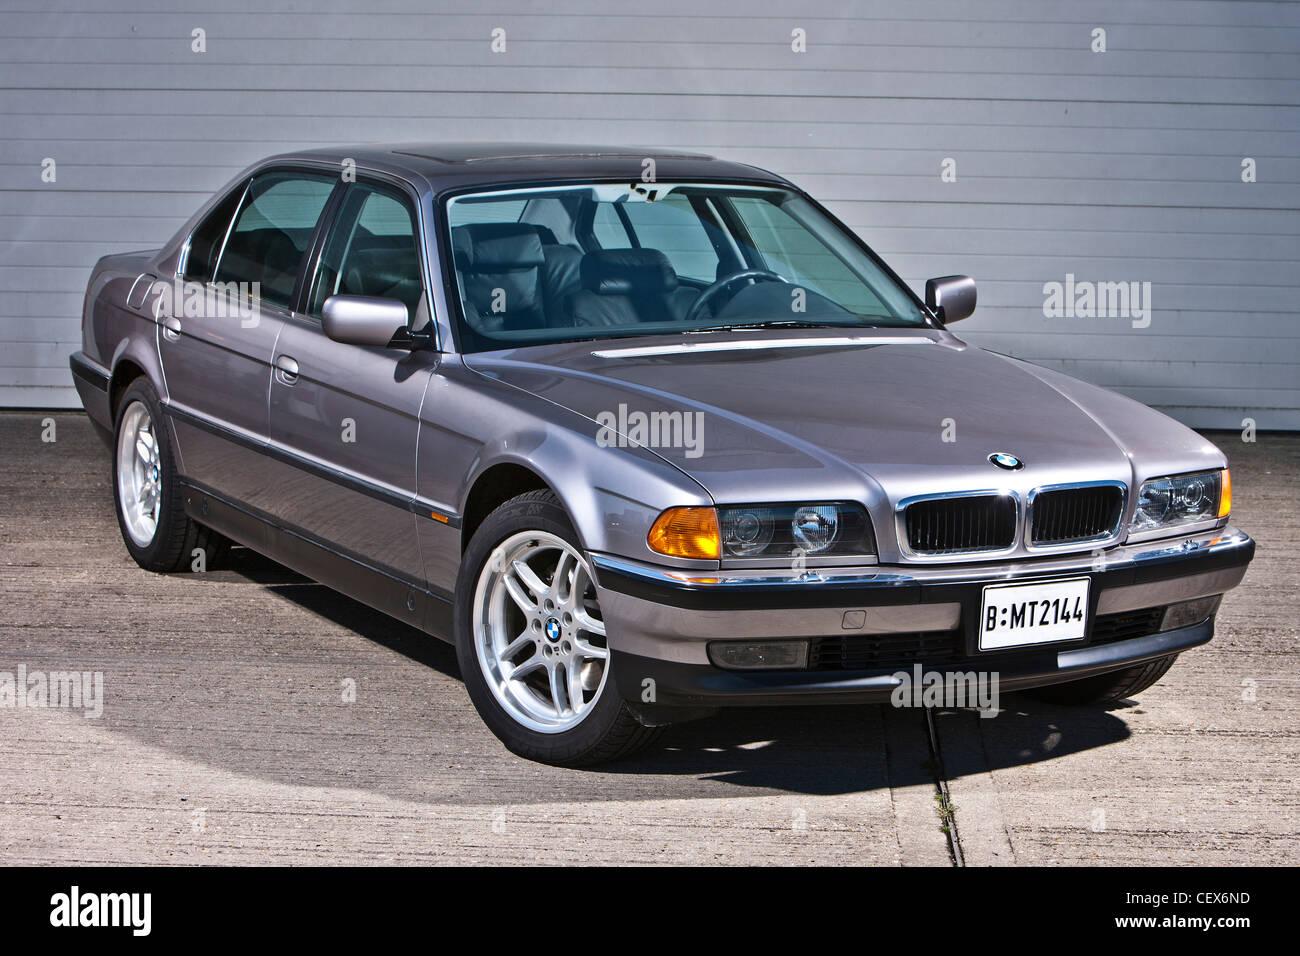 BMW 7 Series E38 Model, James Bond Classic Car